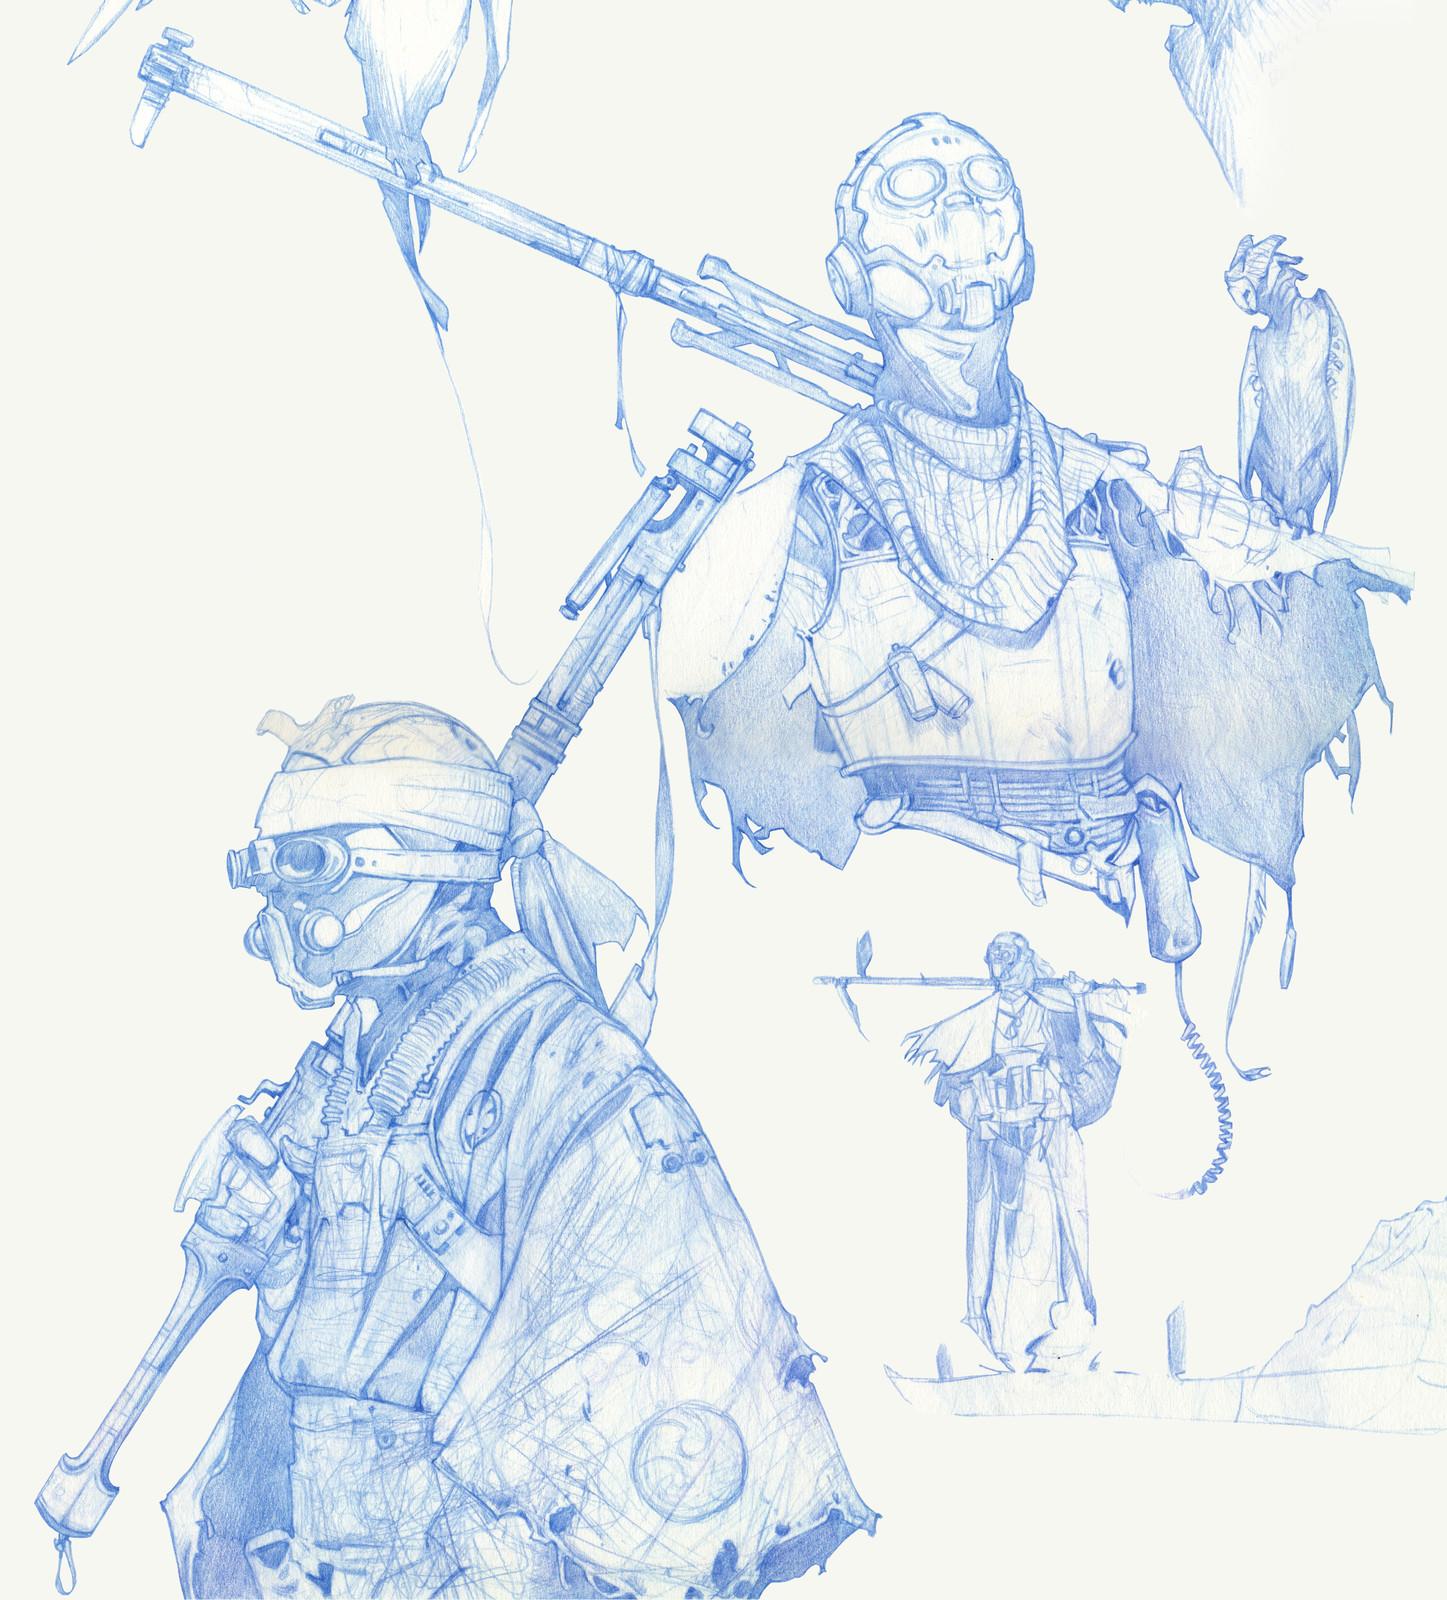 Sci-fi Samurai 1